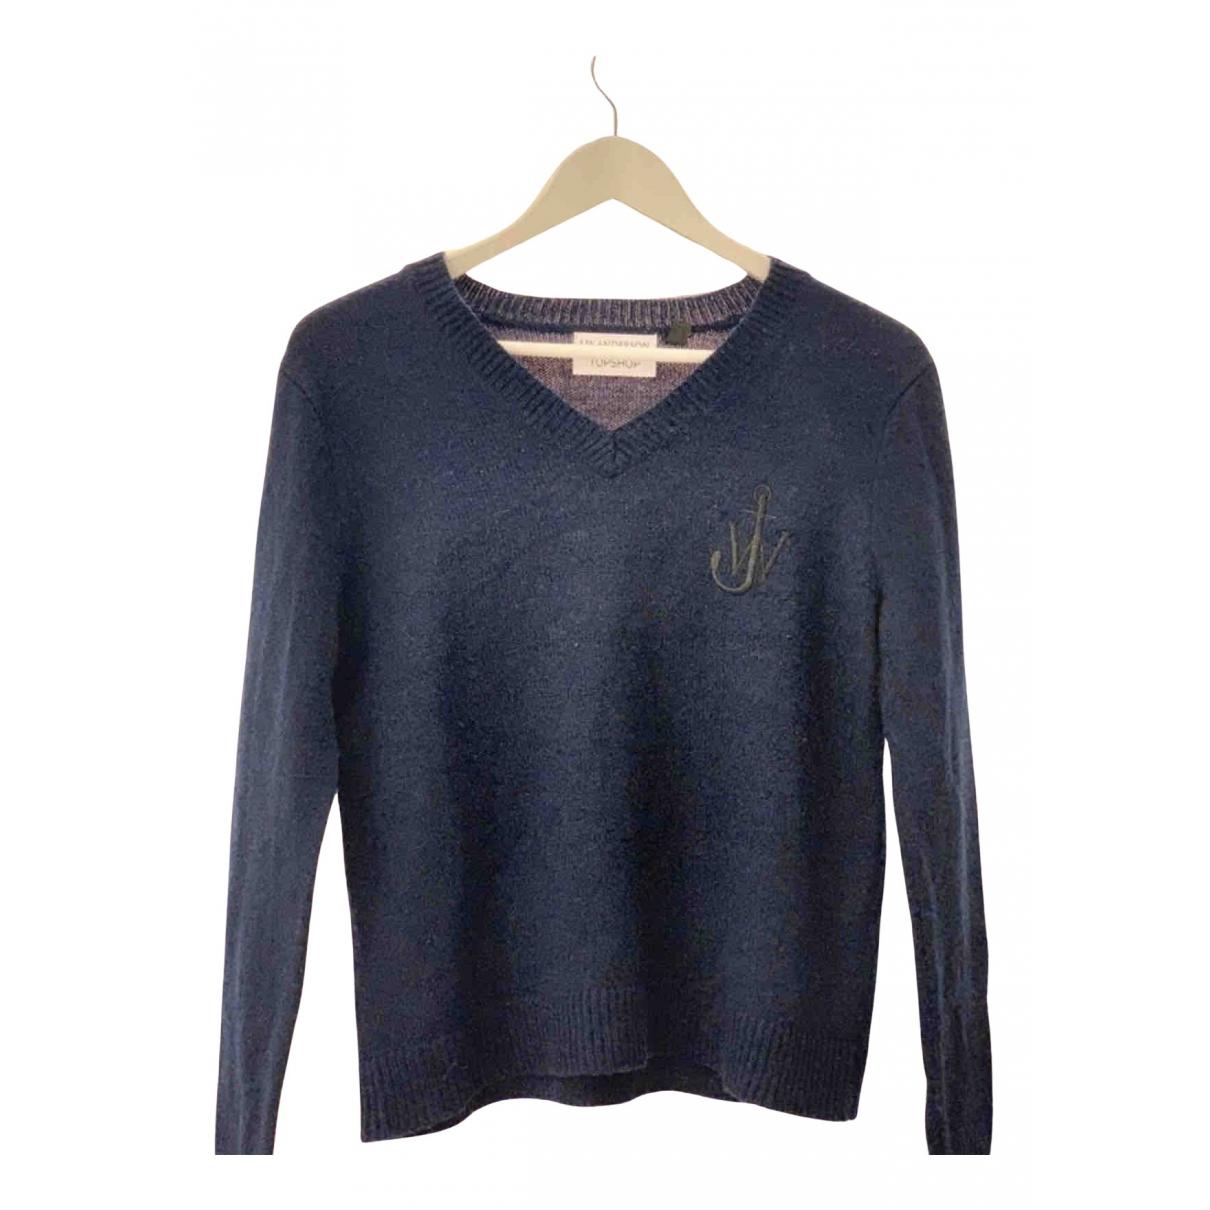 Topshop X J.w. Anderson - Pull   pour femme en laine - marine